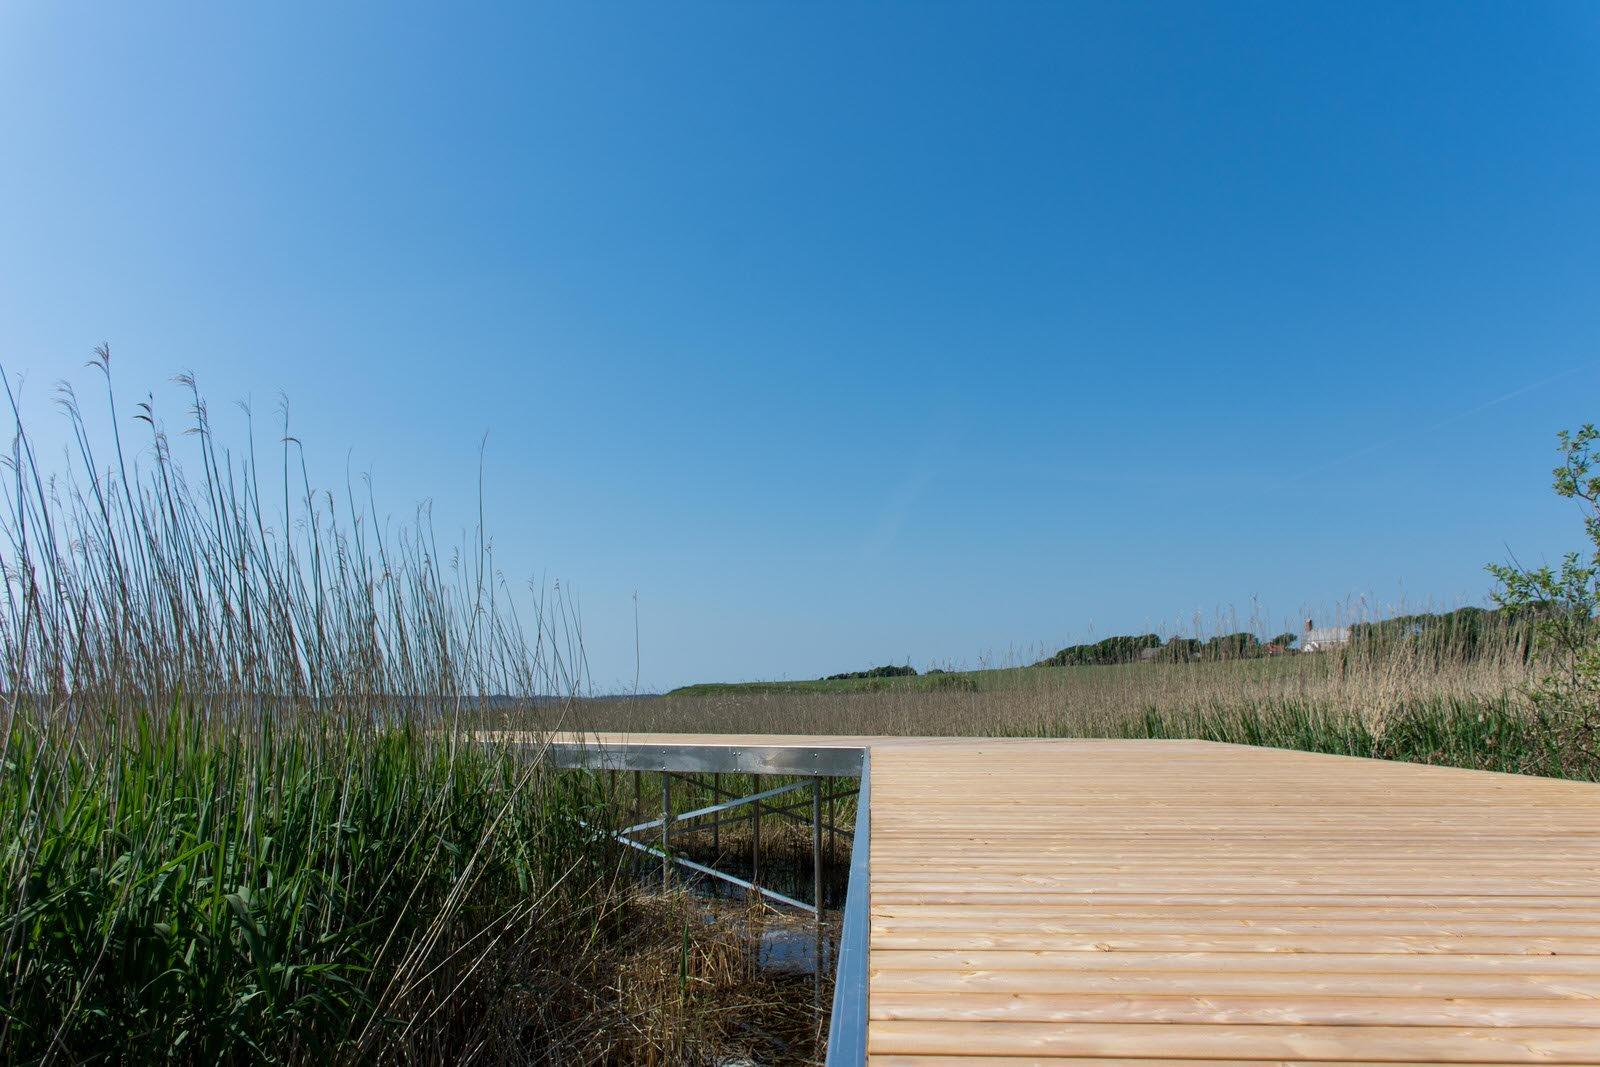 Adgangsbro med knæk